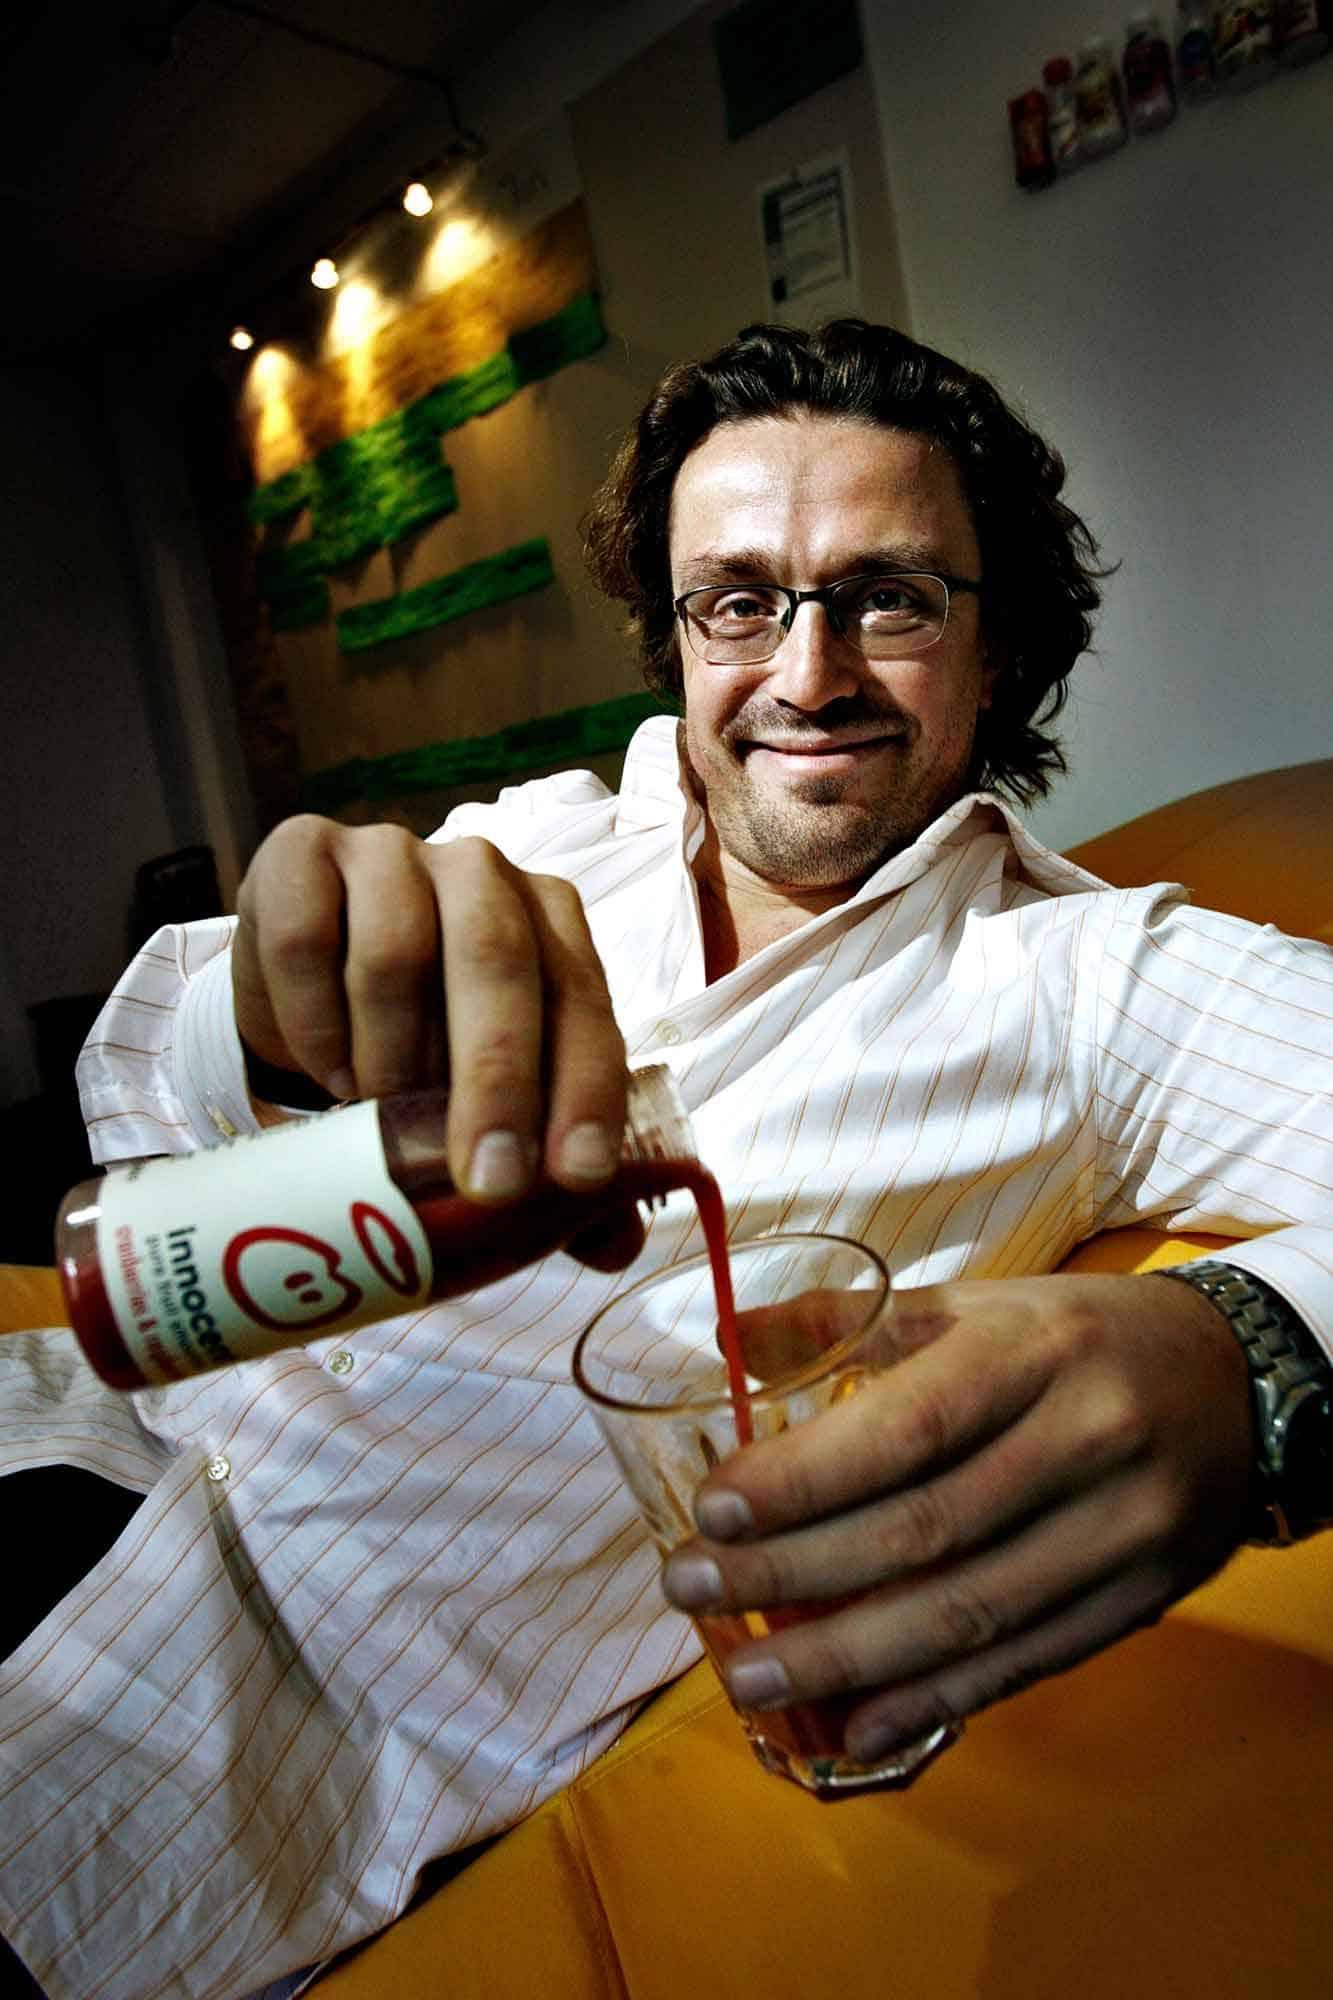 Adam Balon - grundlægger af Innoncent drinks.